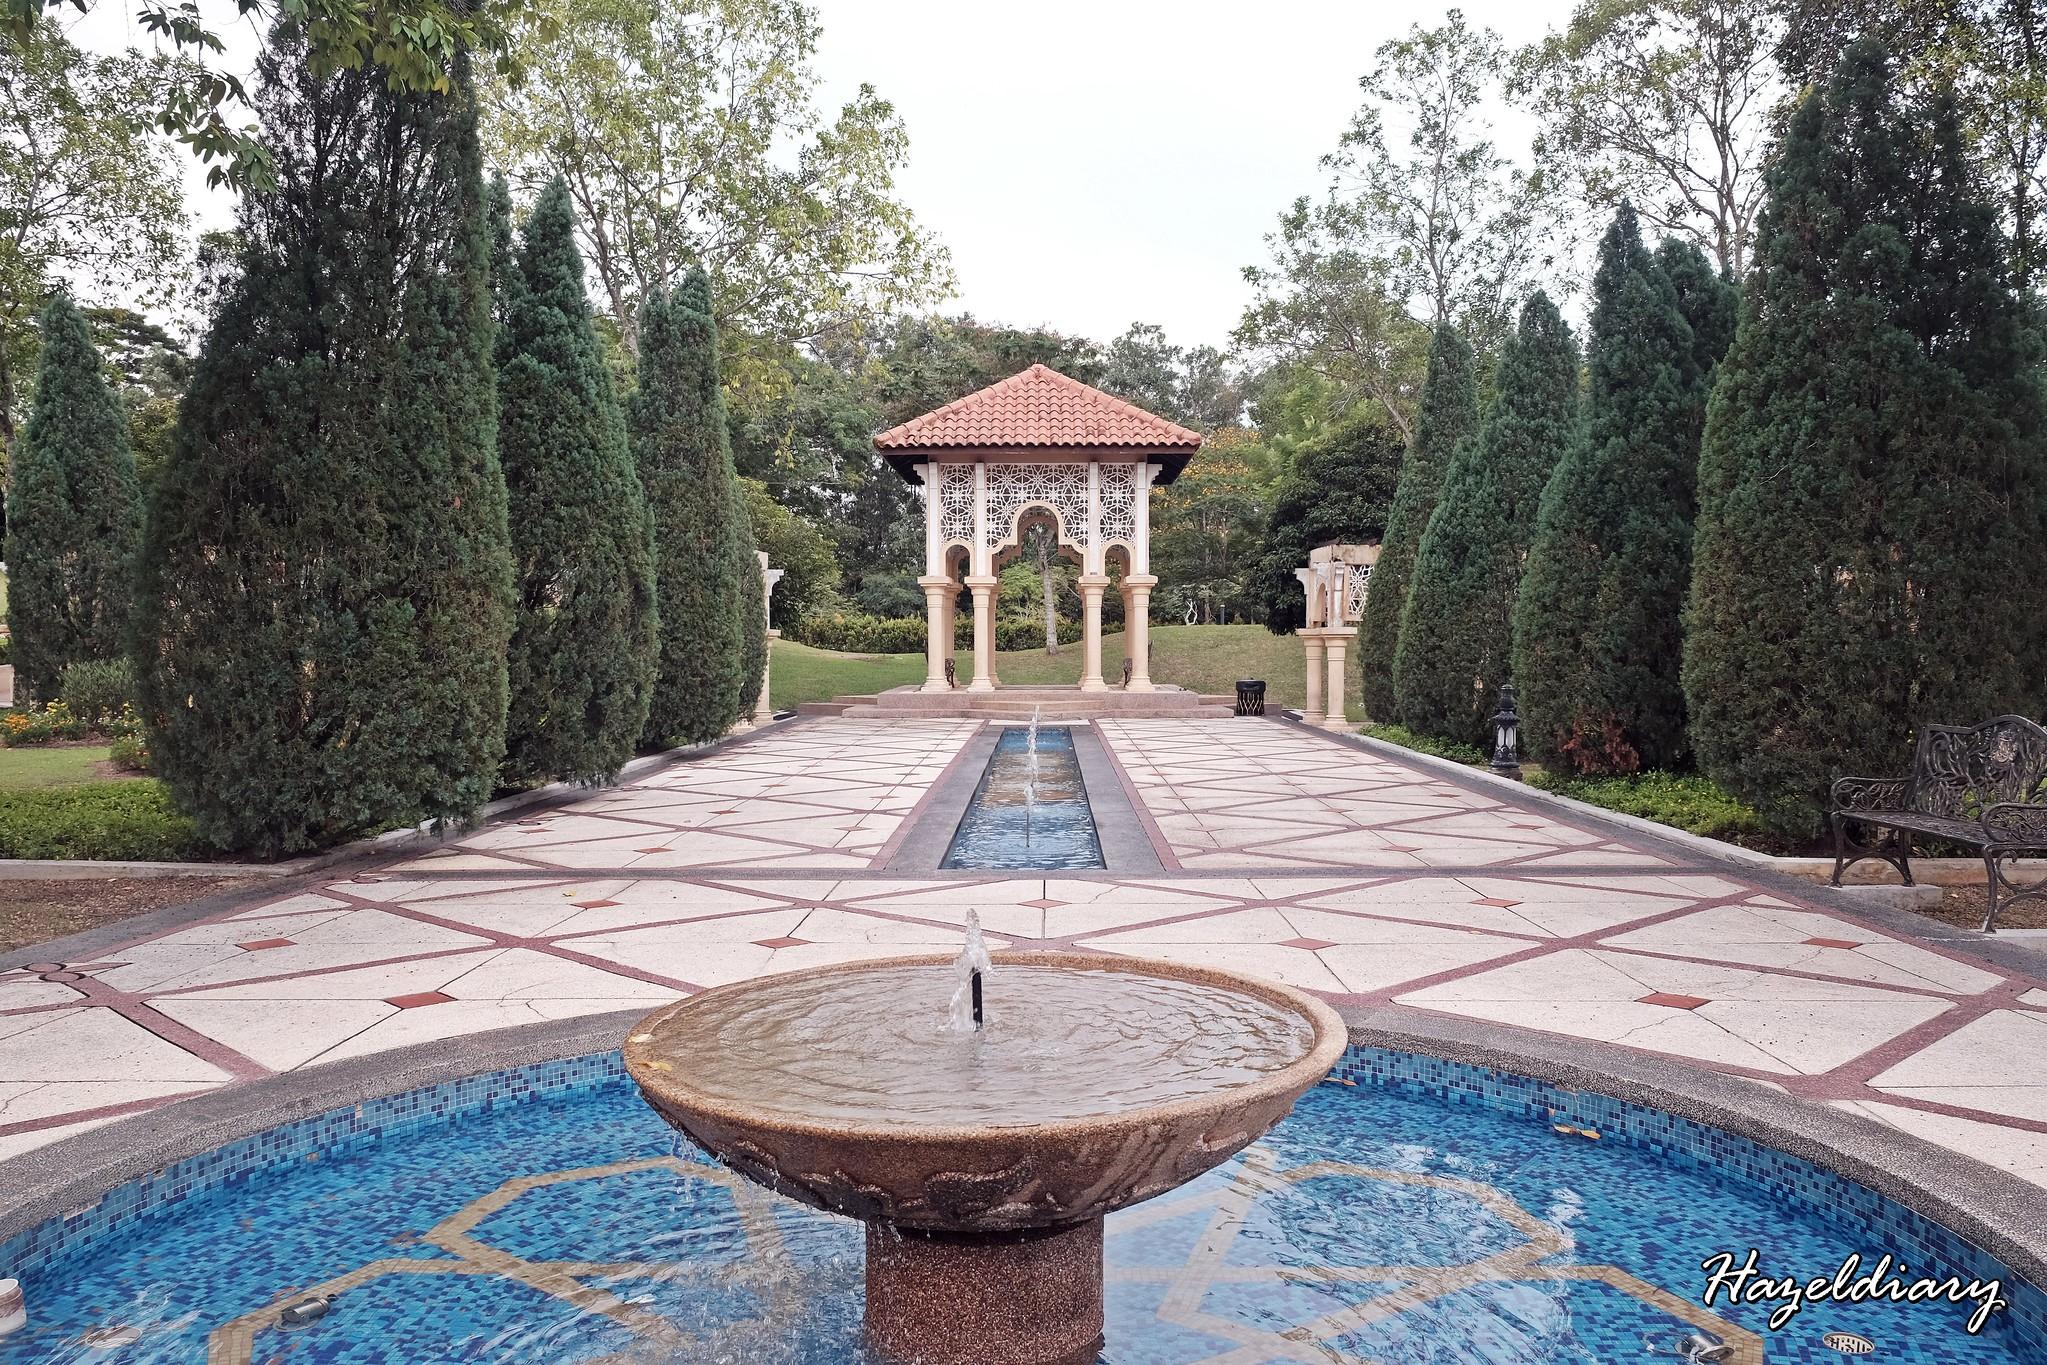 [JB TRAVEL] Hidden Gem Spot At Kota Iskandar Johor Bahru, Malaysia